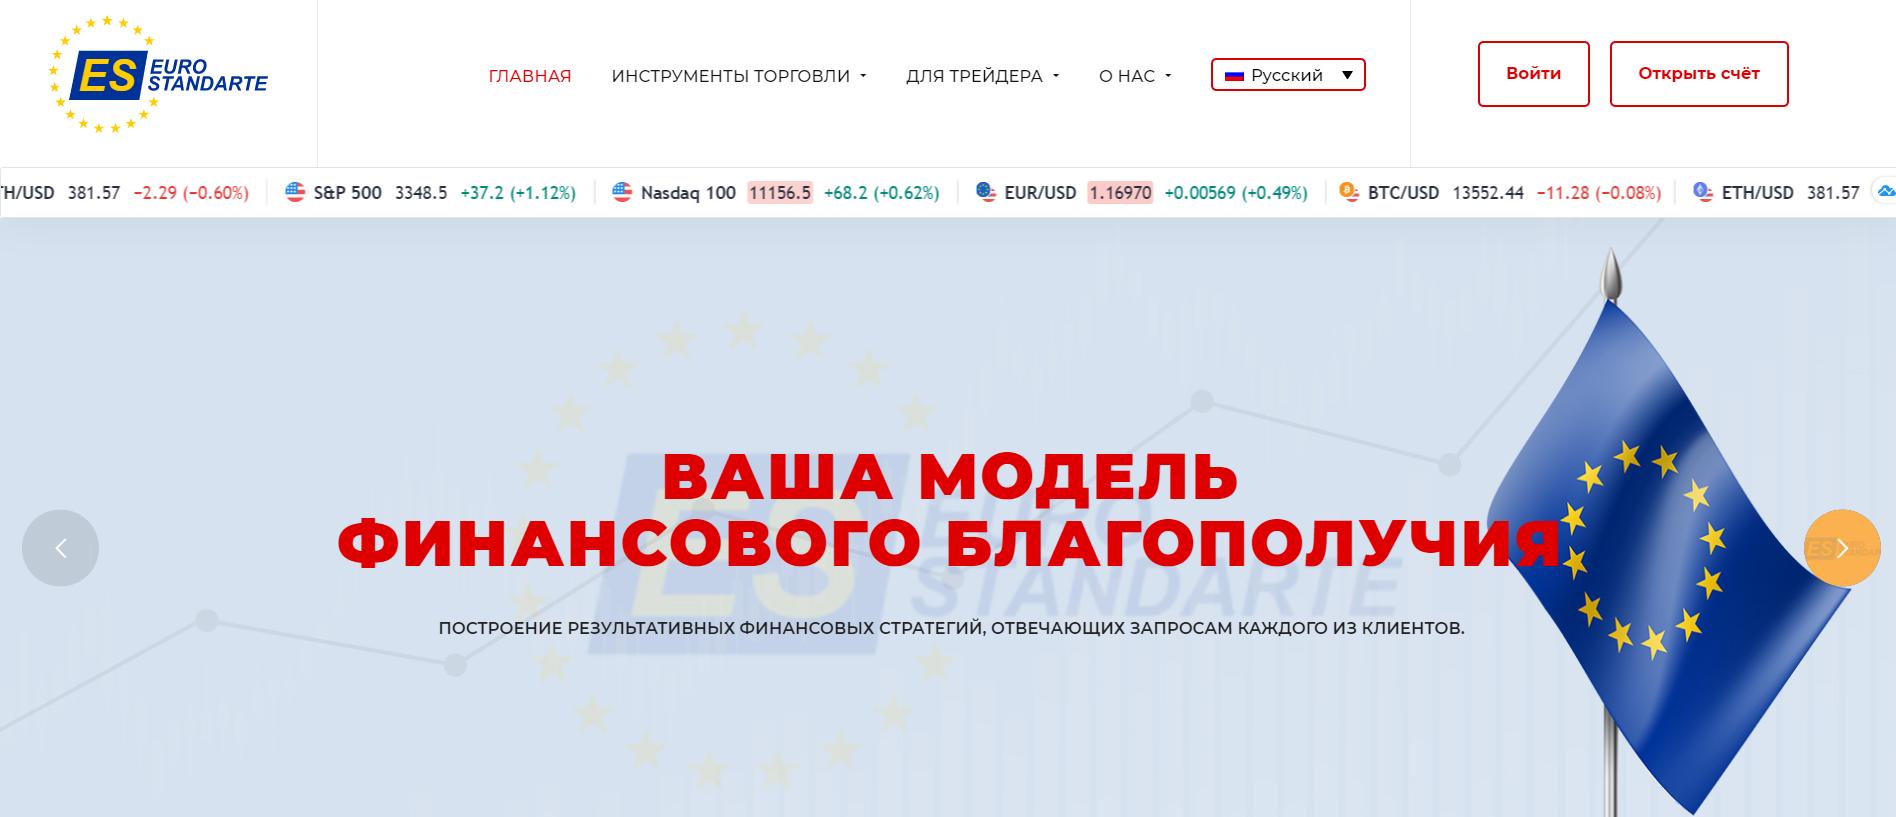 EuroStandarte (eurostandarte.com)